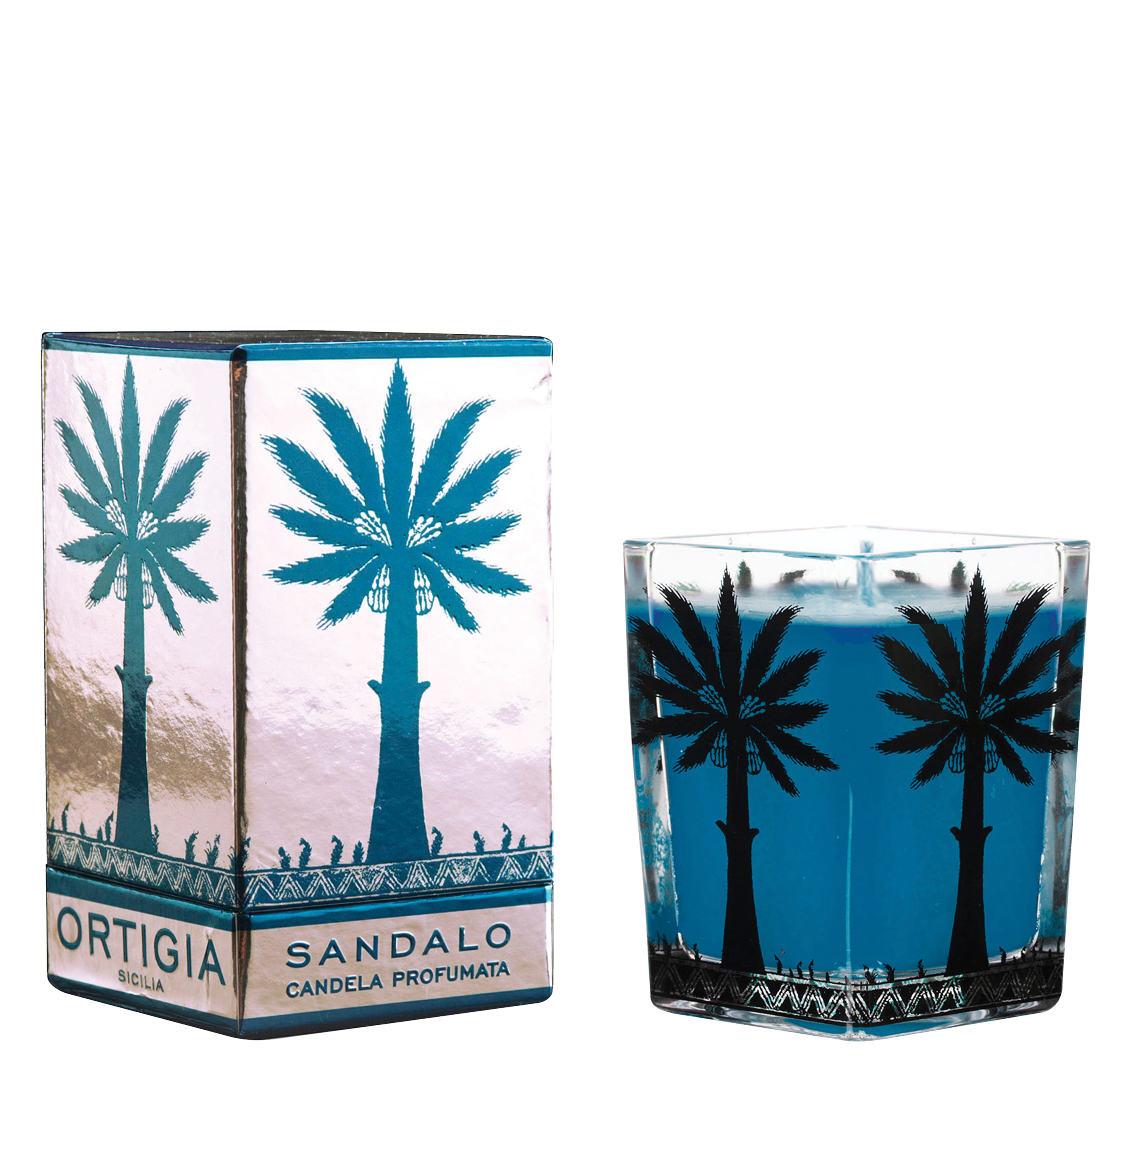 Ortigia Sicilia Sandalwood Candle 170g